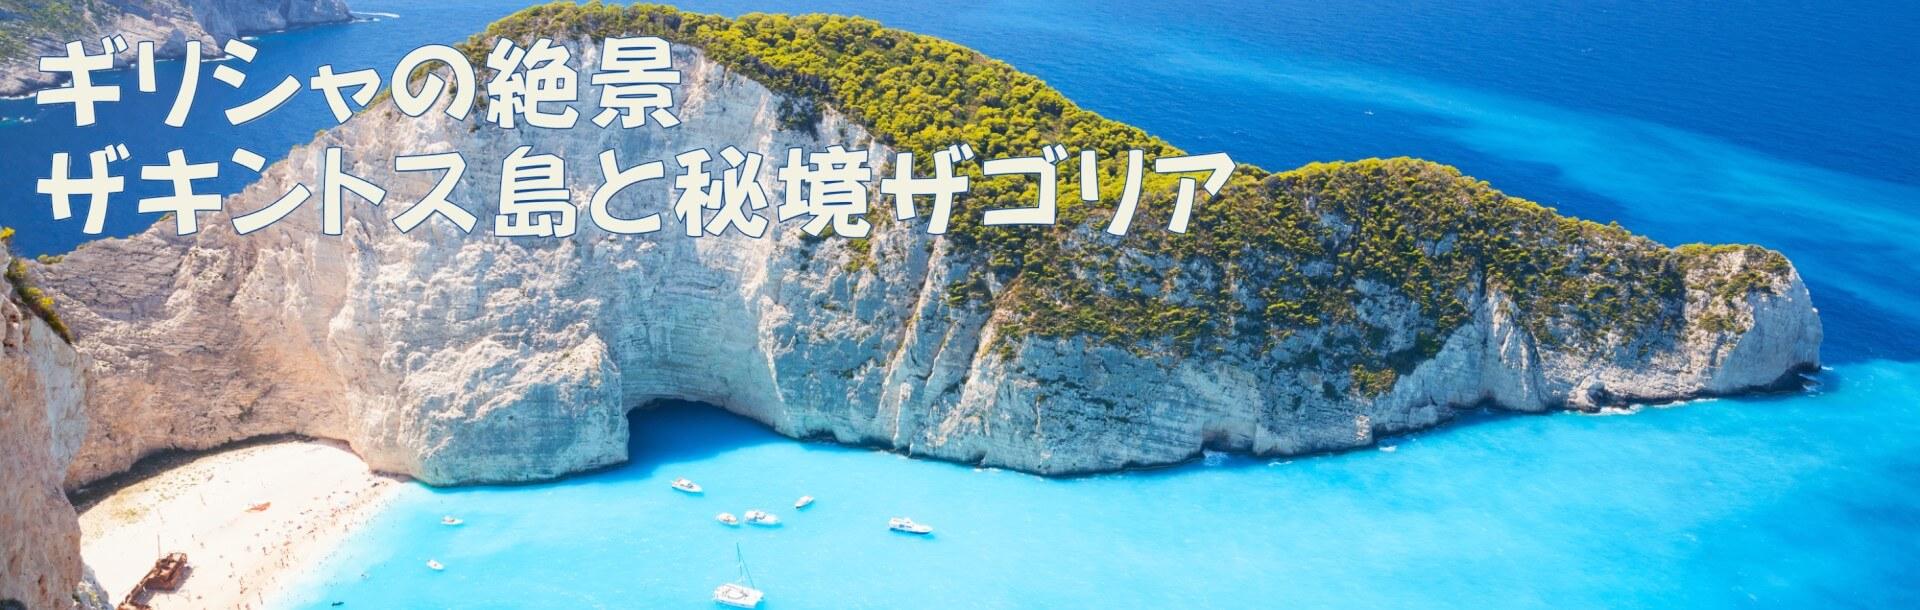 ギリシャの絶景 ザキントス島と秘境ザゴリア